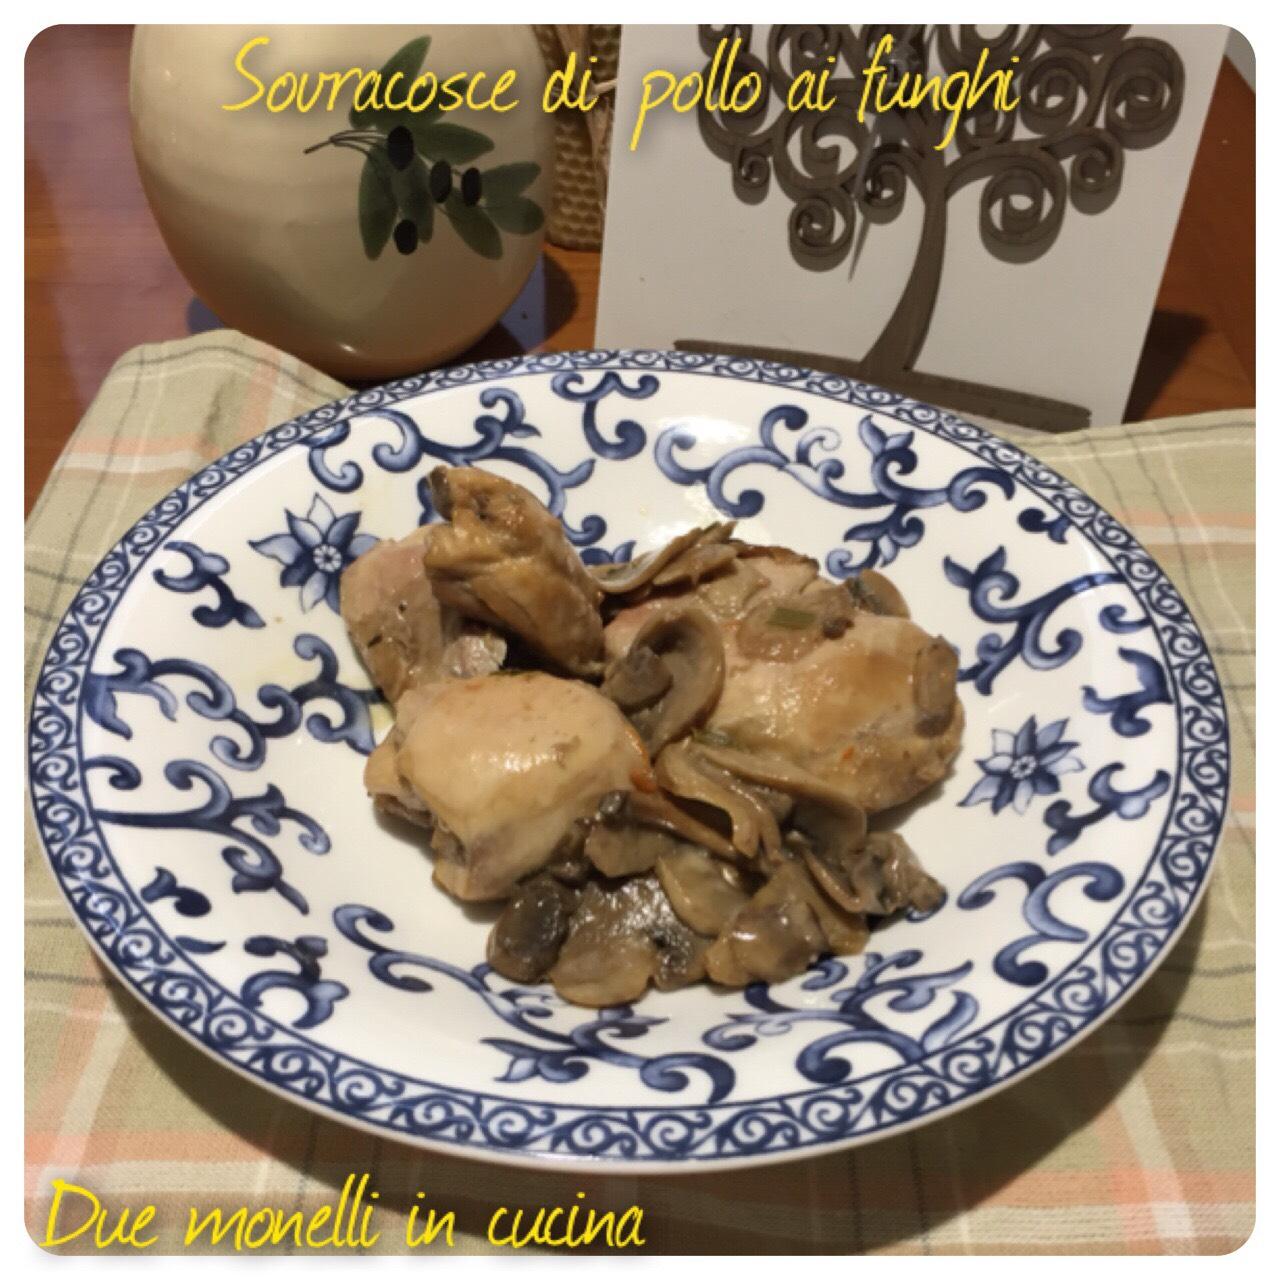 Sovracosce di pollo con funghi cotto in padella